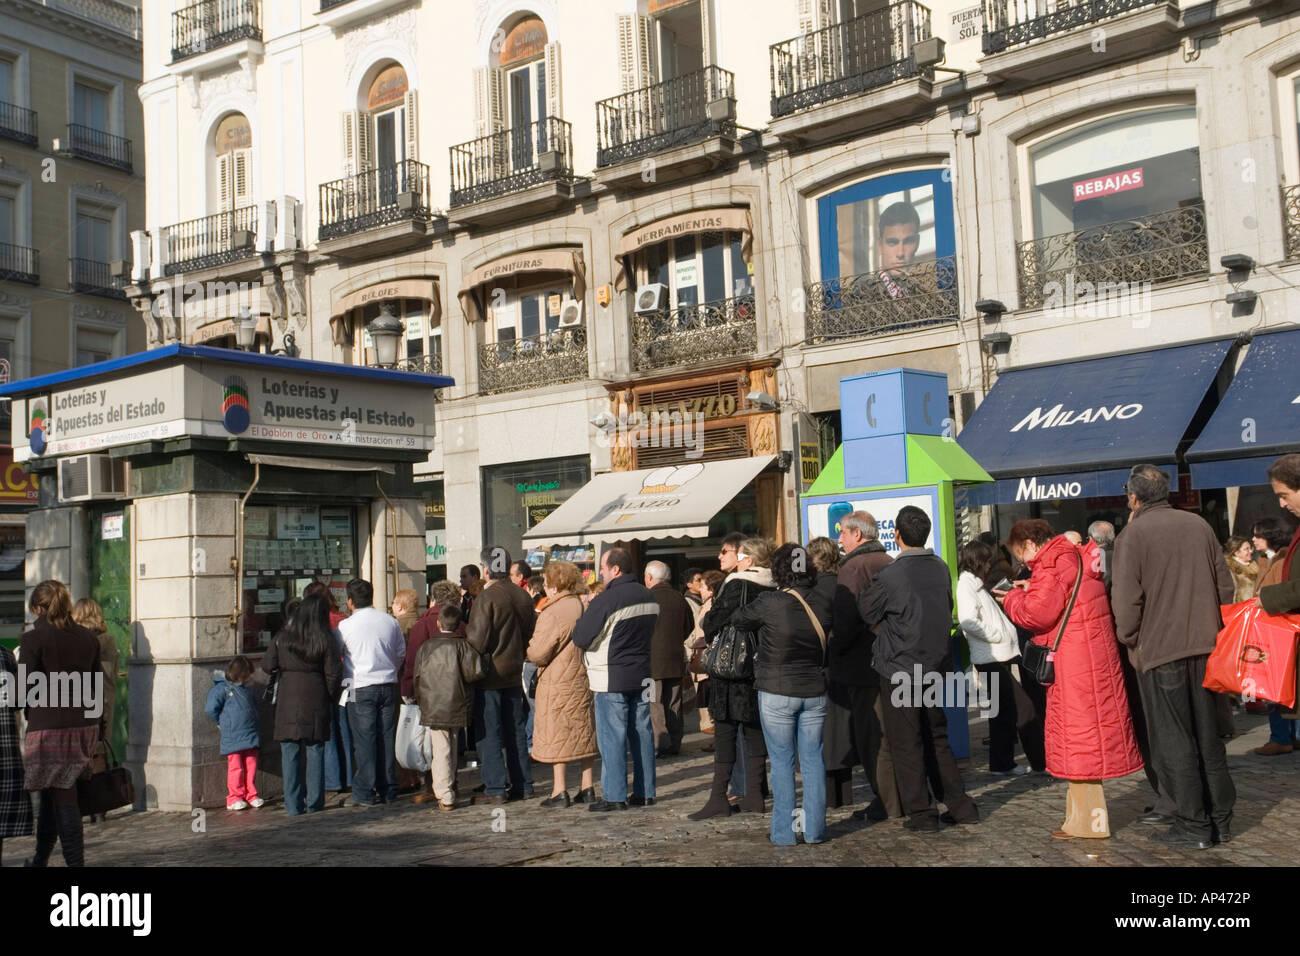 People in Madrid queuing for lottery tickets (Spain). Madrilènes faisant la queue pour des billets de loterie - Stock Image